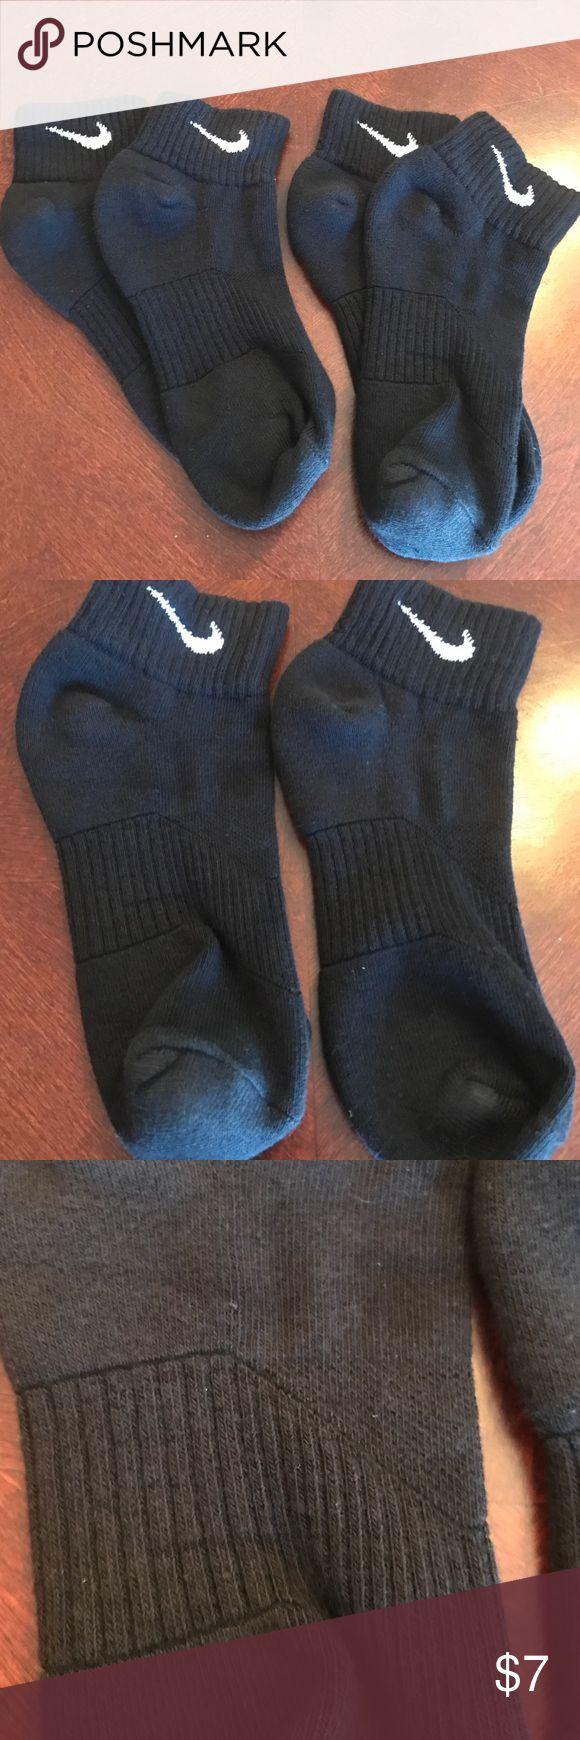 NWOT set of 2 boys Nike socks in black NWOT set of 2 boys Nike socks in black. Ankle socks. Never worn Nike Accessories Socks & Tights